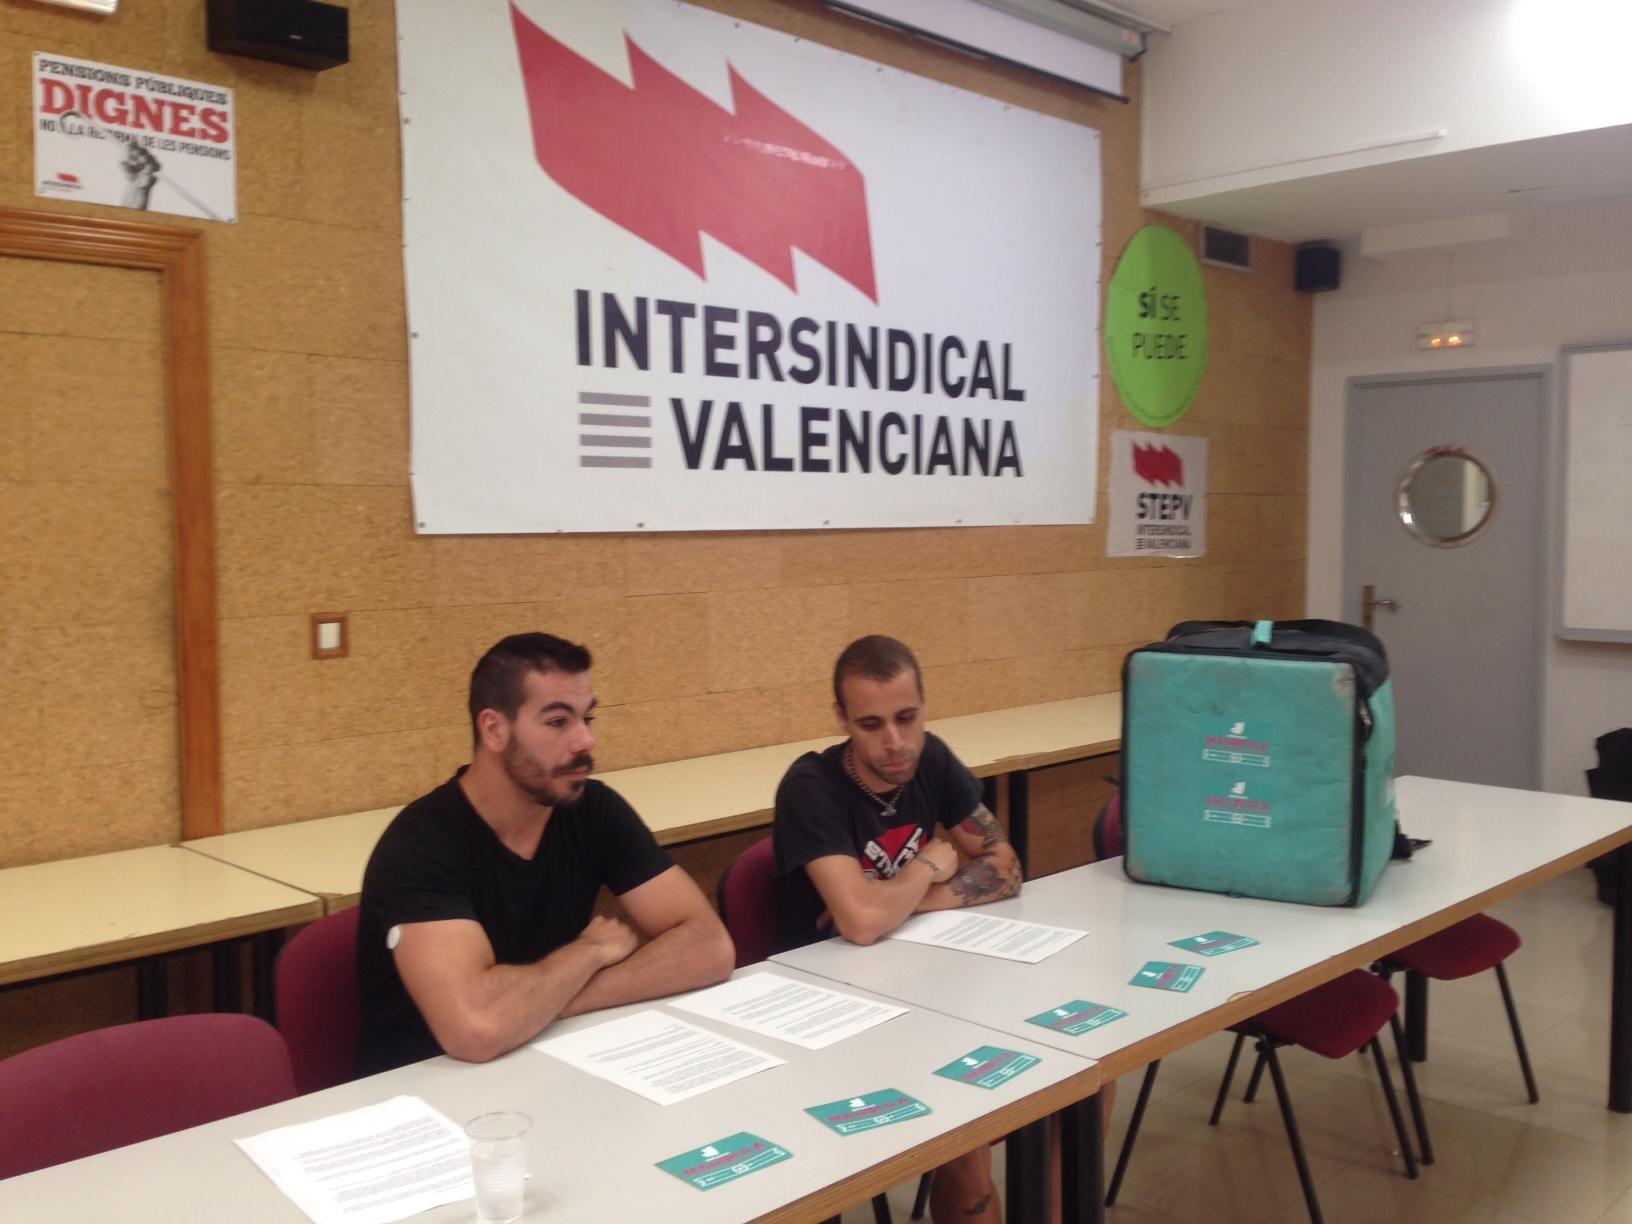 Imatge d'arxiu d'una roda de premsa de riders a la Intersindical Valenciana